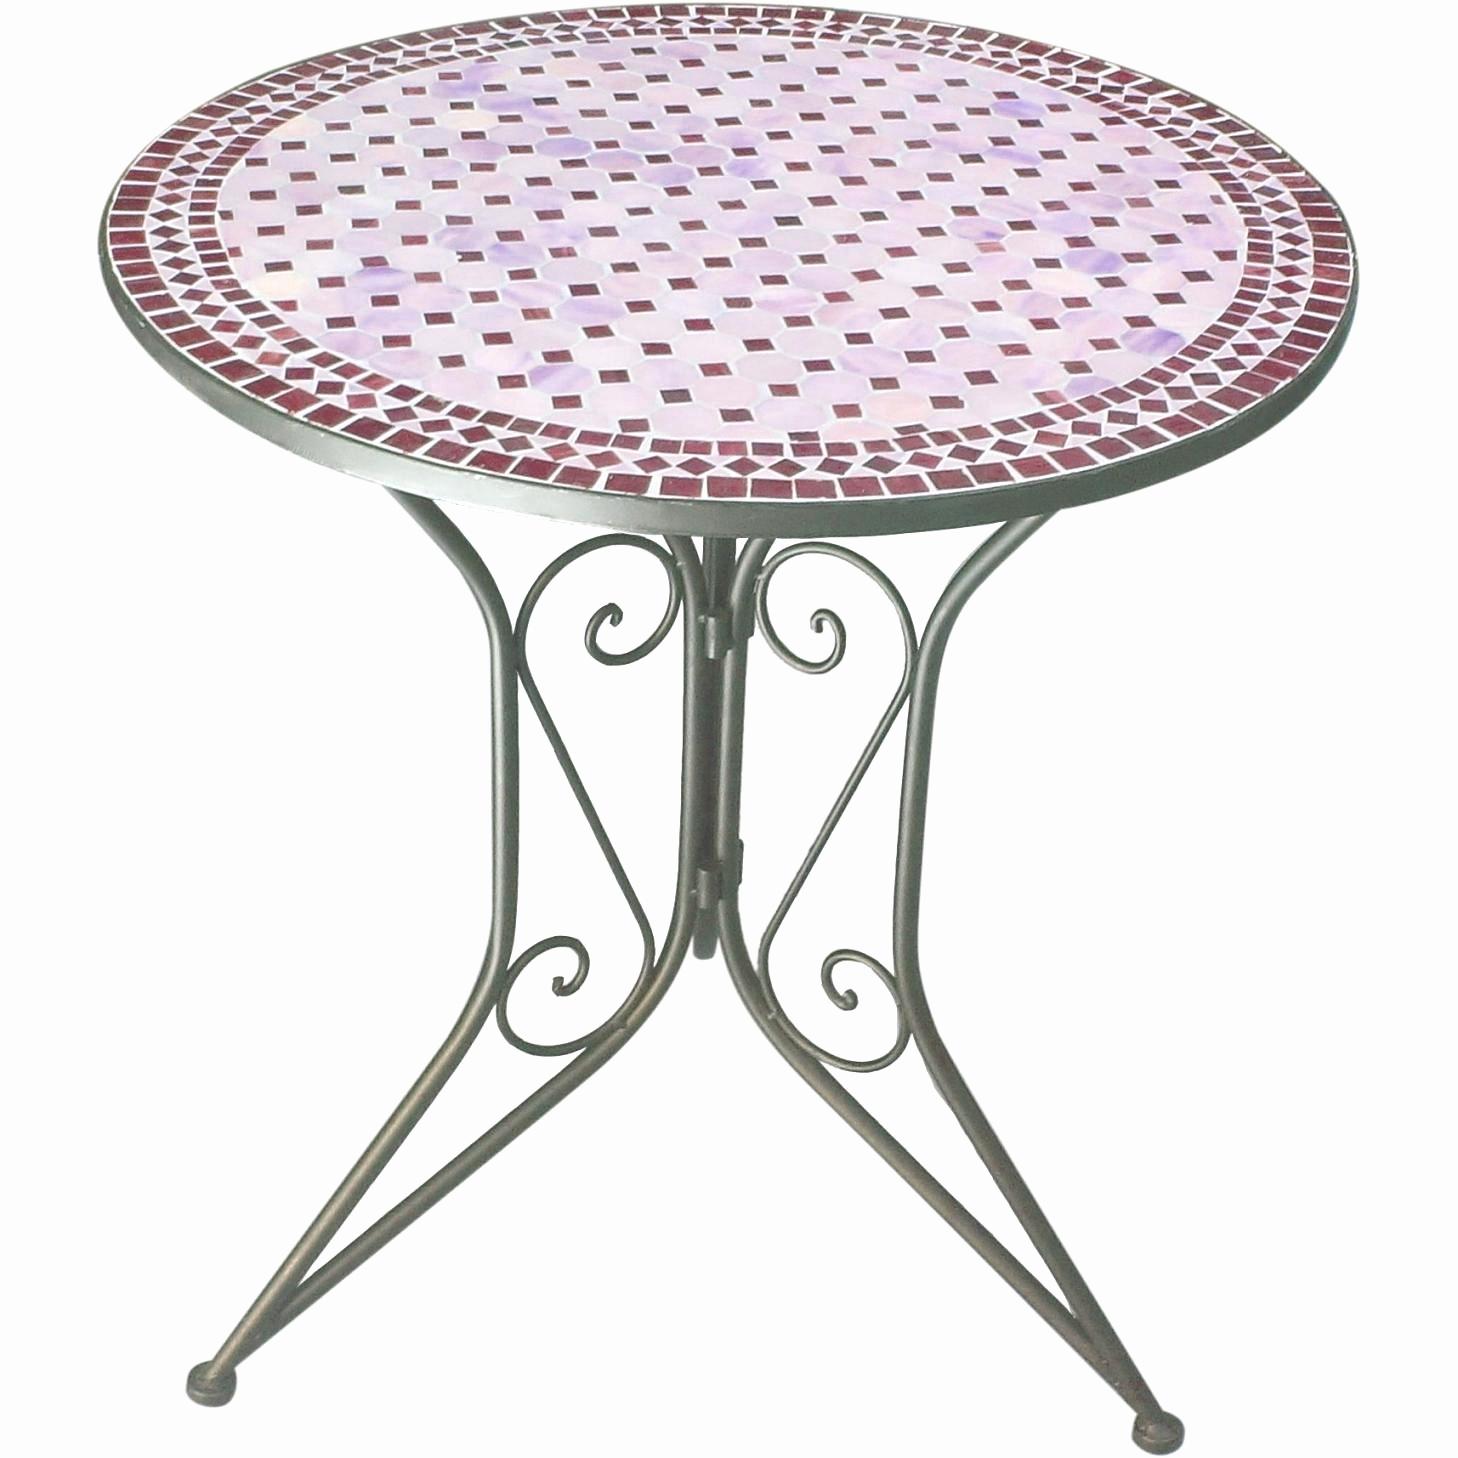 drapeau de table impressionnant dessin mosaique a imprimer meilleur de graphie table de jardin of drapeau de table